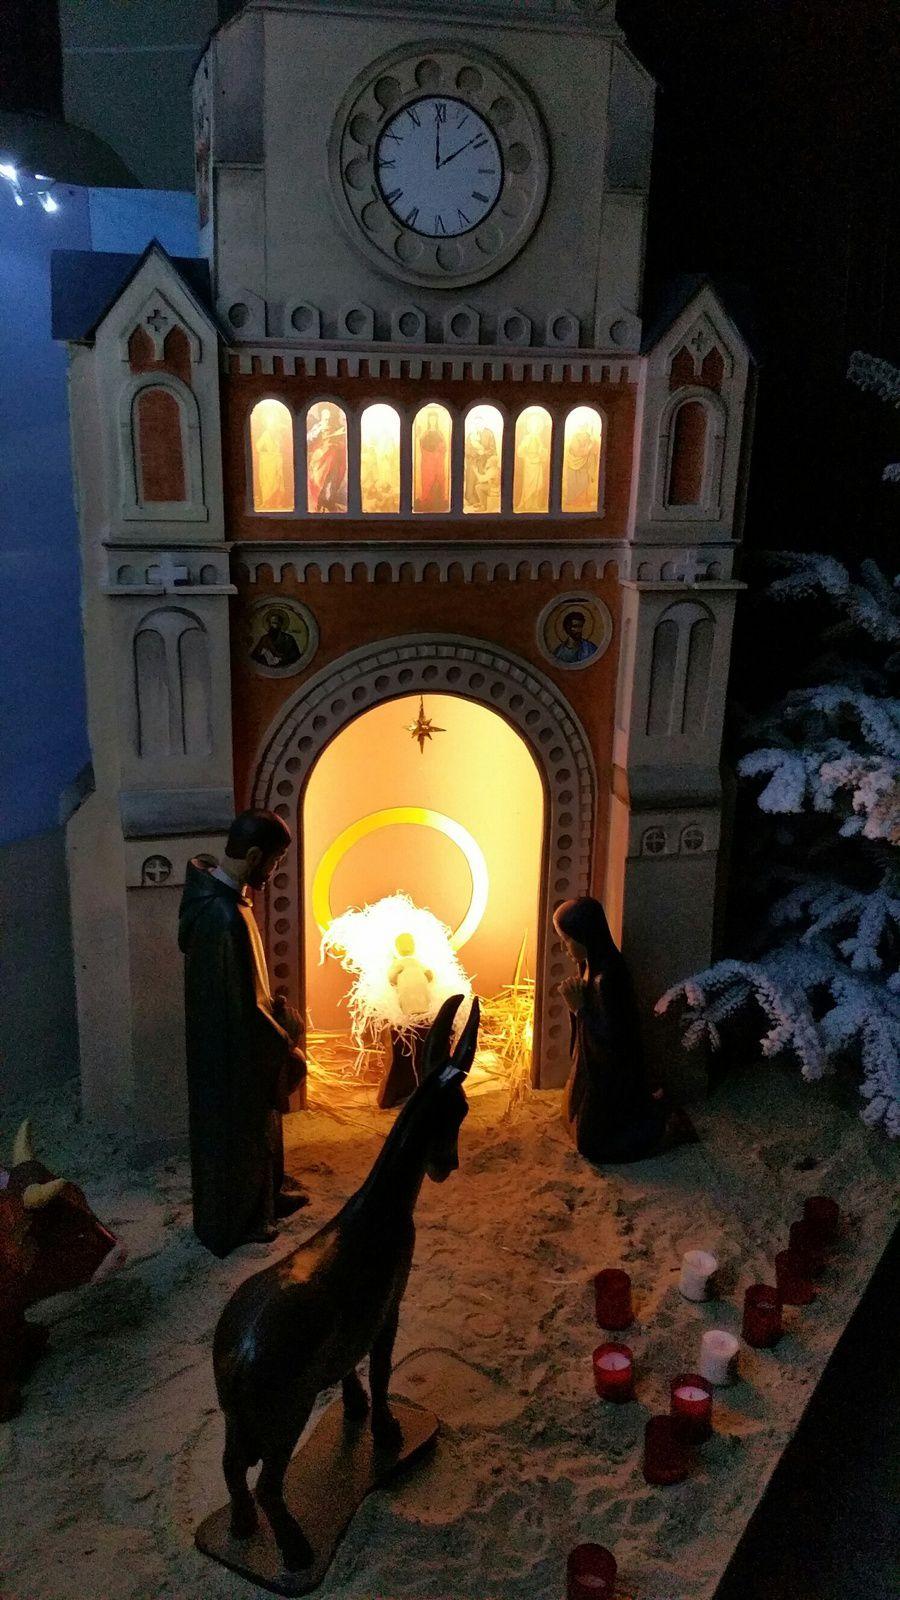 Homélie de la Nativité du Seigneur (24 décembre 2020).